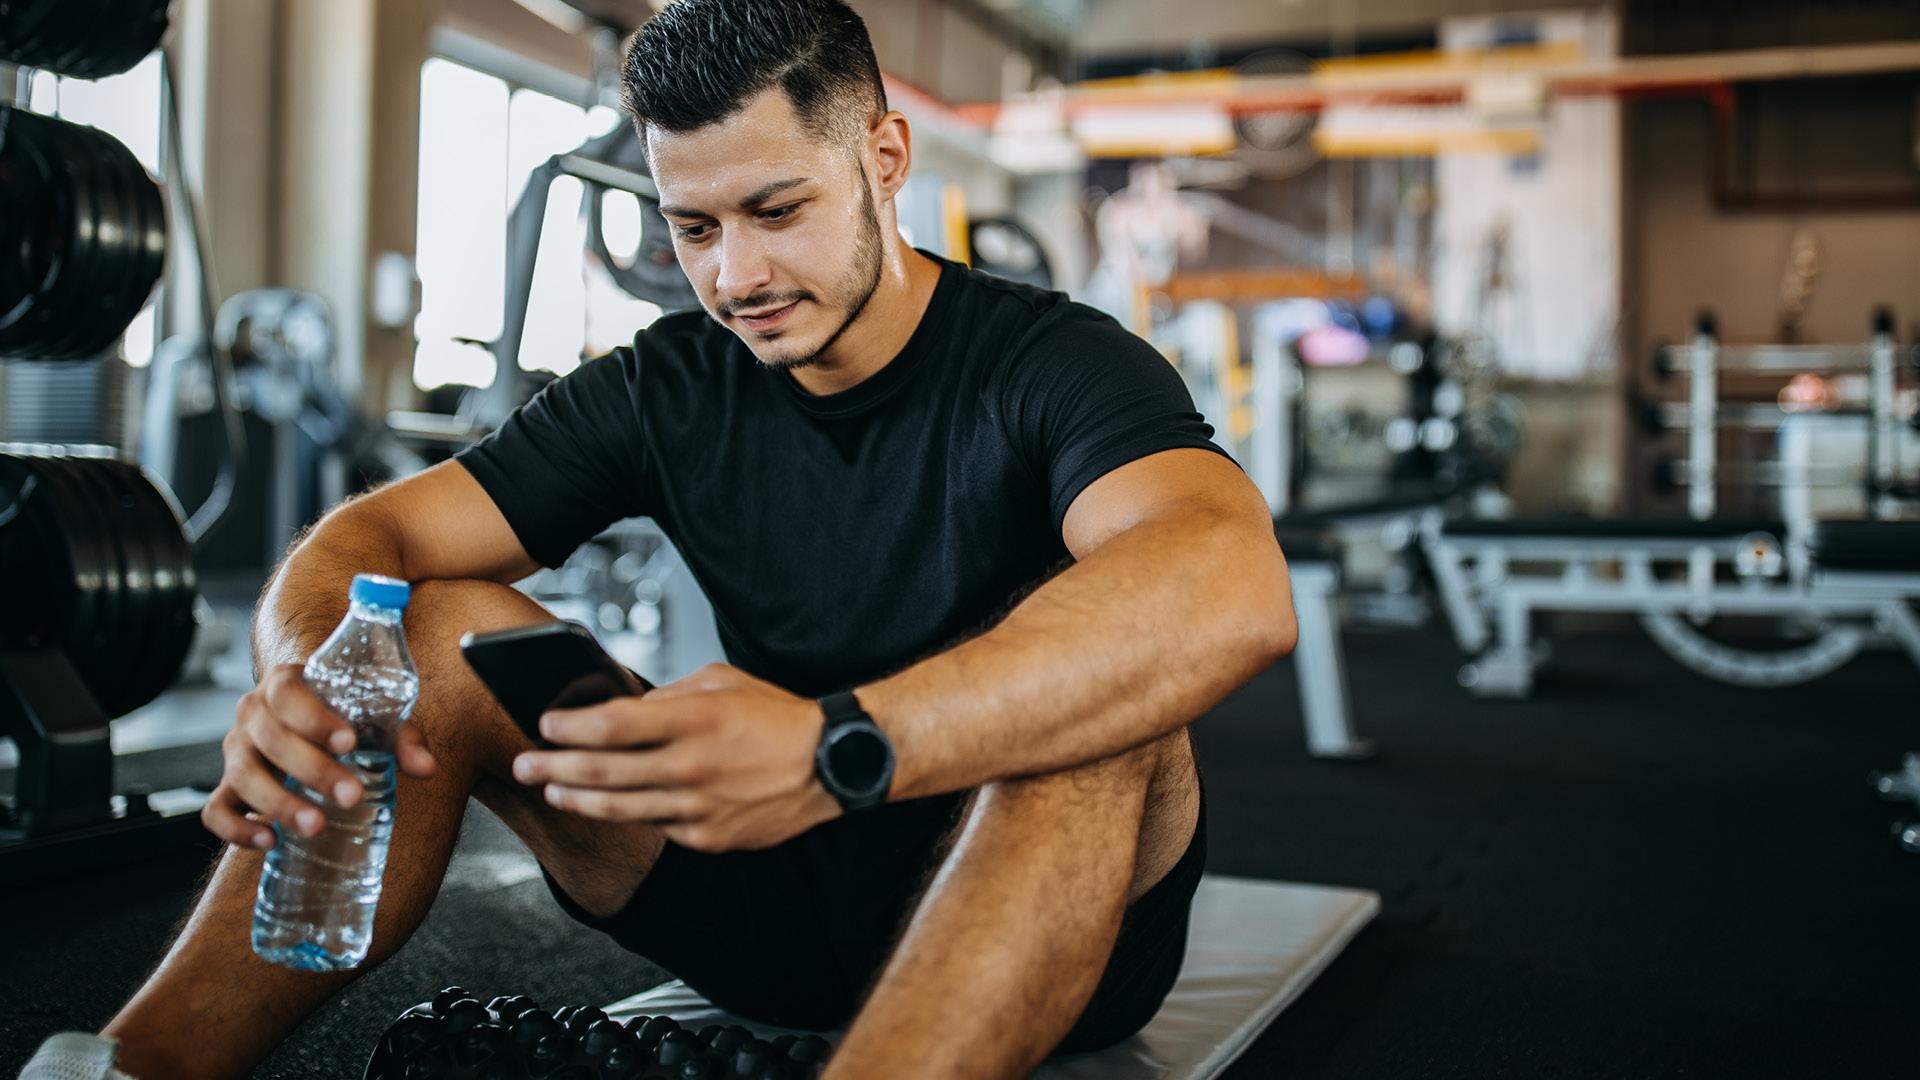 Reserva clases con app de tu gimnasio